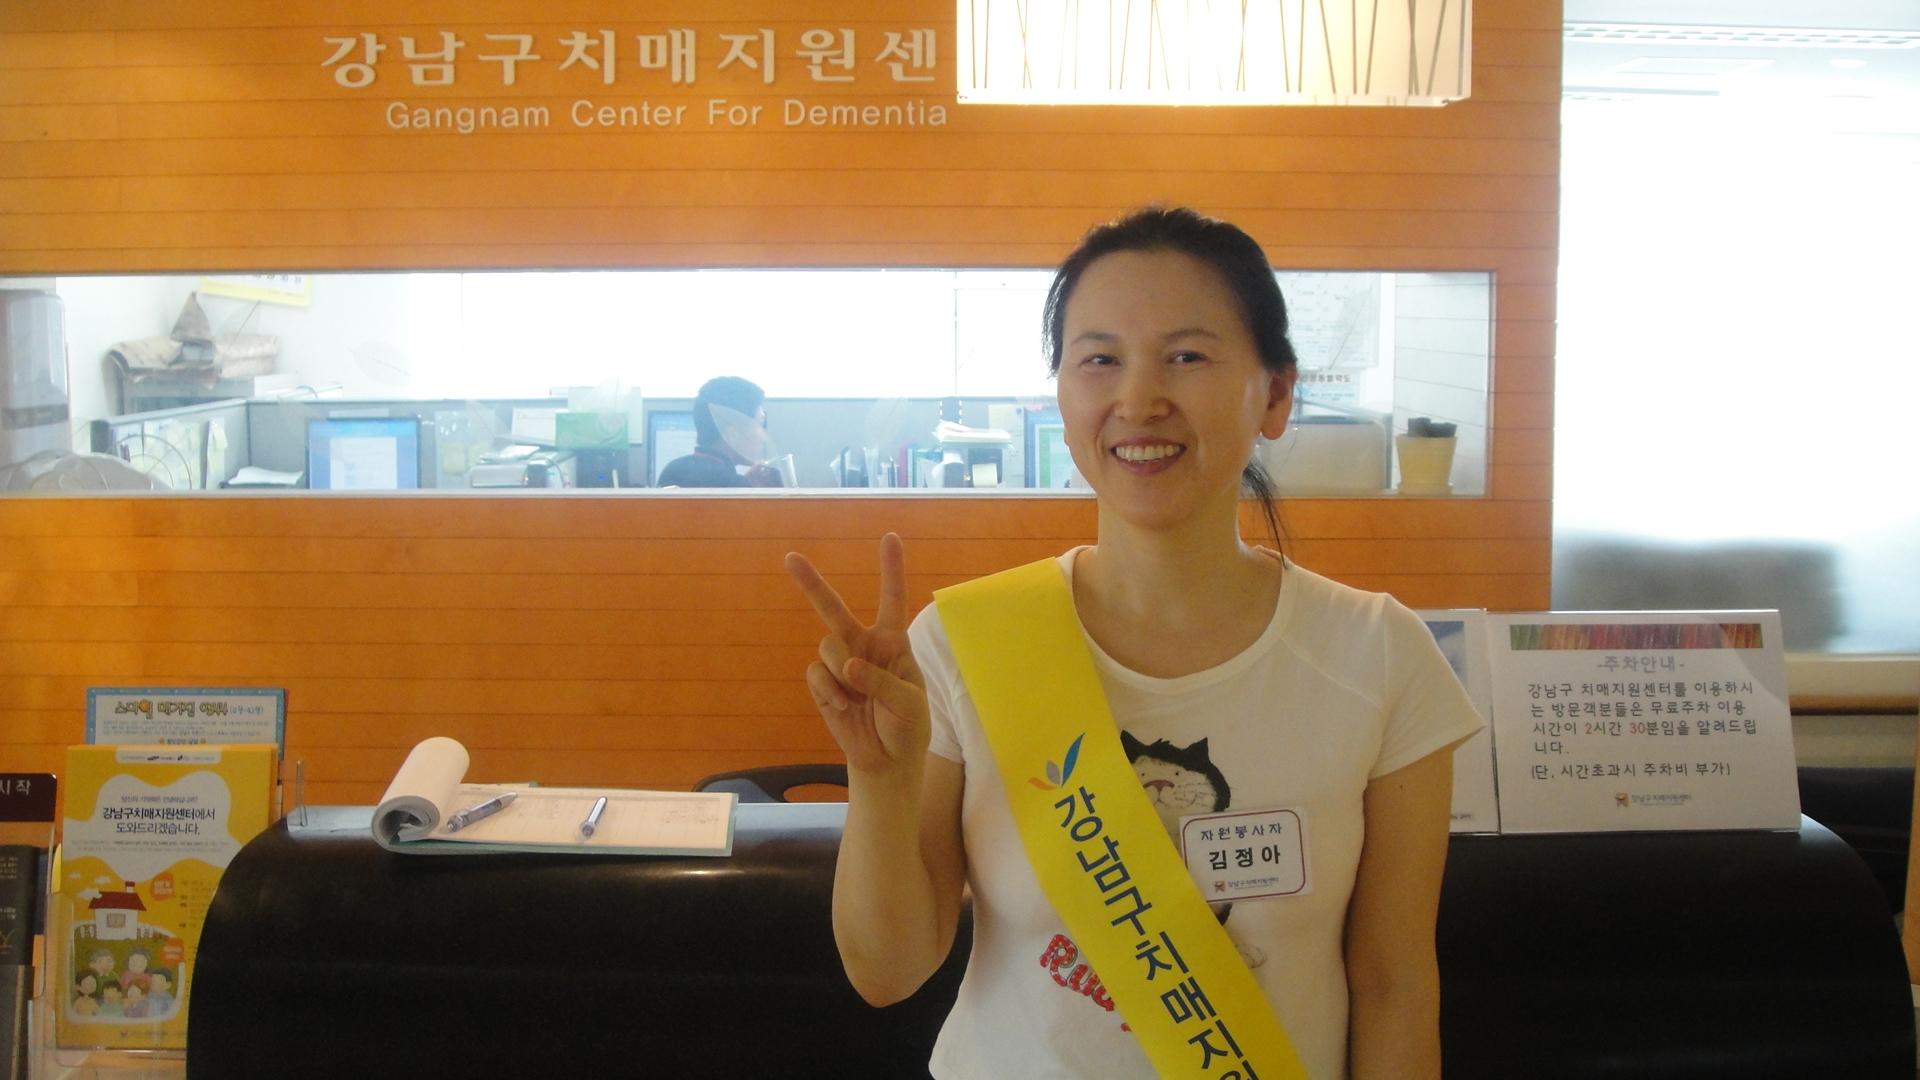 우리센터 스마일치매전문자원봉사자를 소개합니다~!